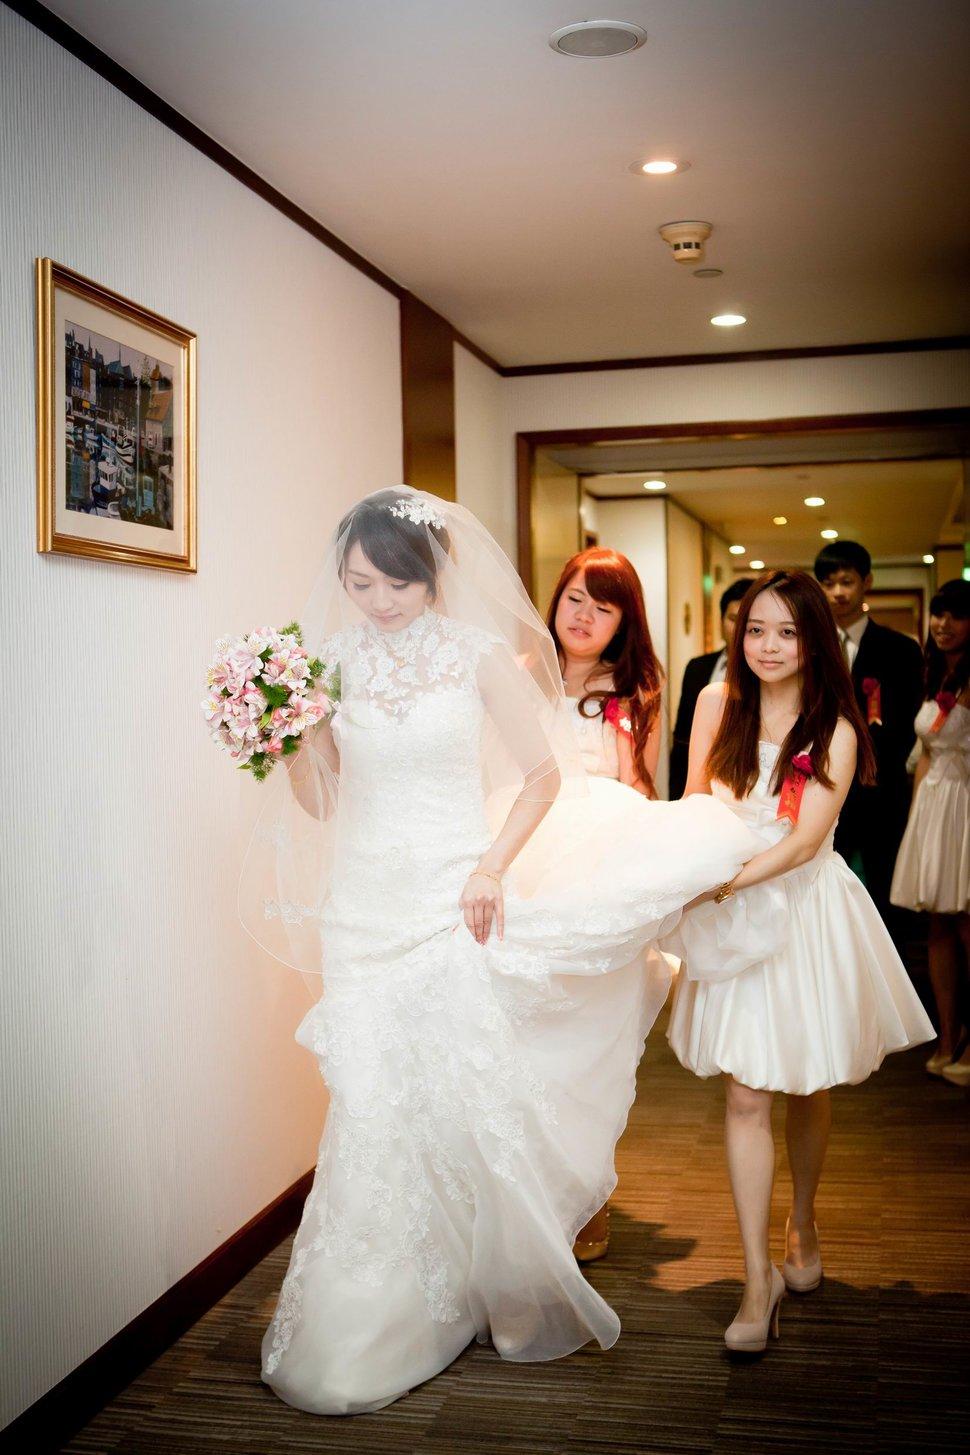 長榮桂冠酒店彭園會館婚禮記錄專業錄影平面攝影(編號:194999) - 蜜月拍照10800錄影12800攝影團隊 - 結婚吧